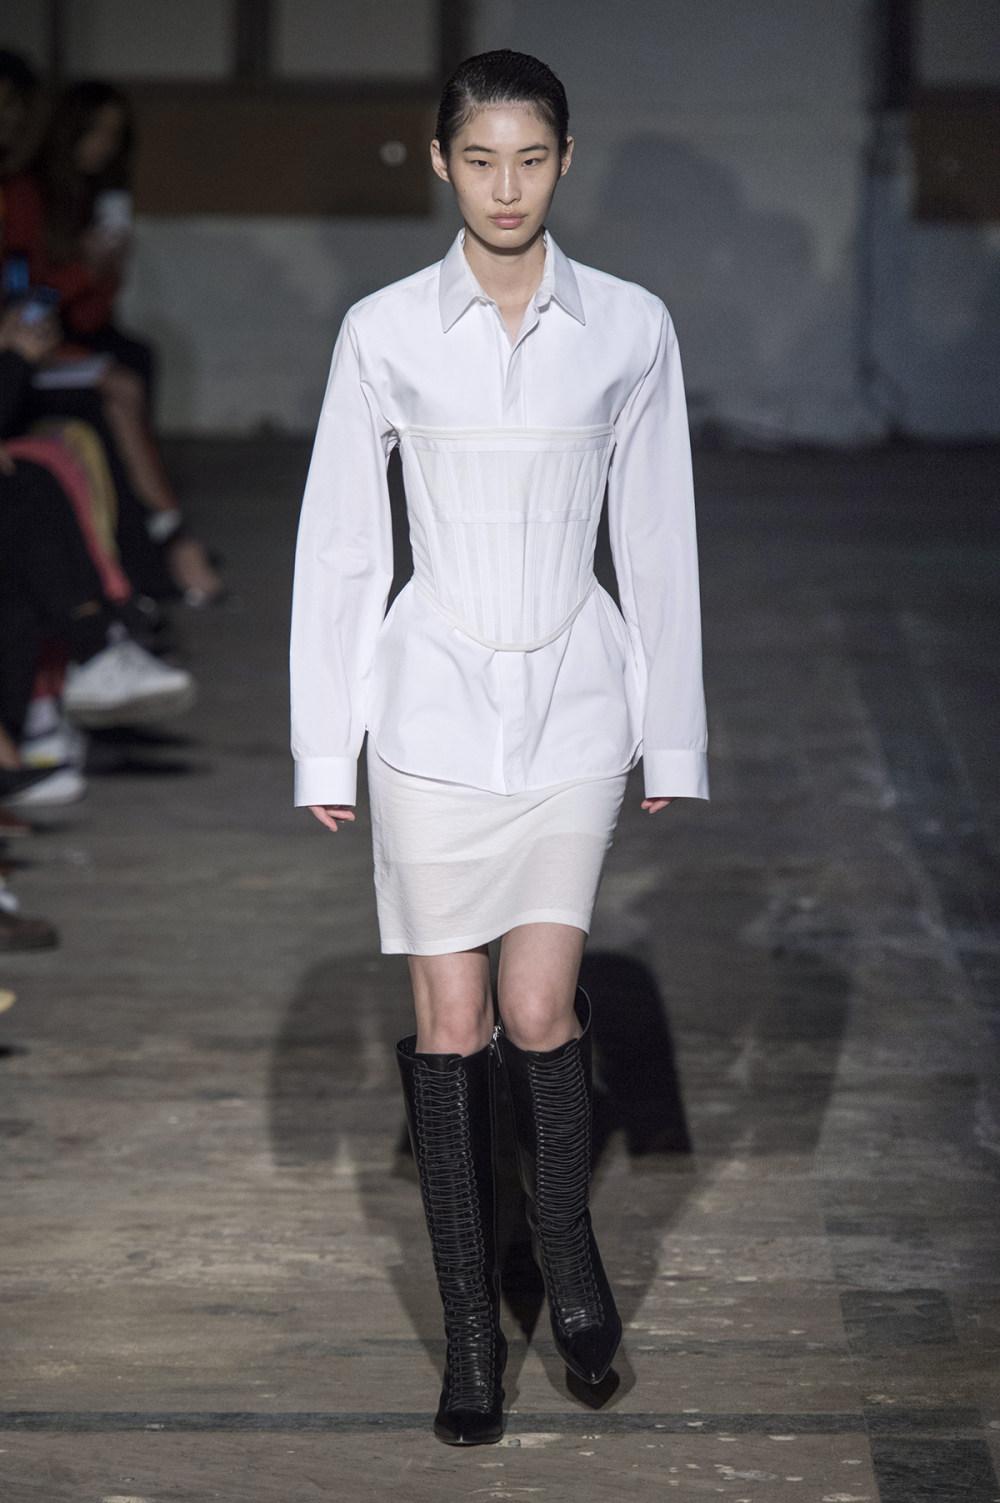 Dion Lee没有紧身衣的连衣裙被聚集或扭曲保持调色板的简约和奢华-3.jpg